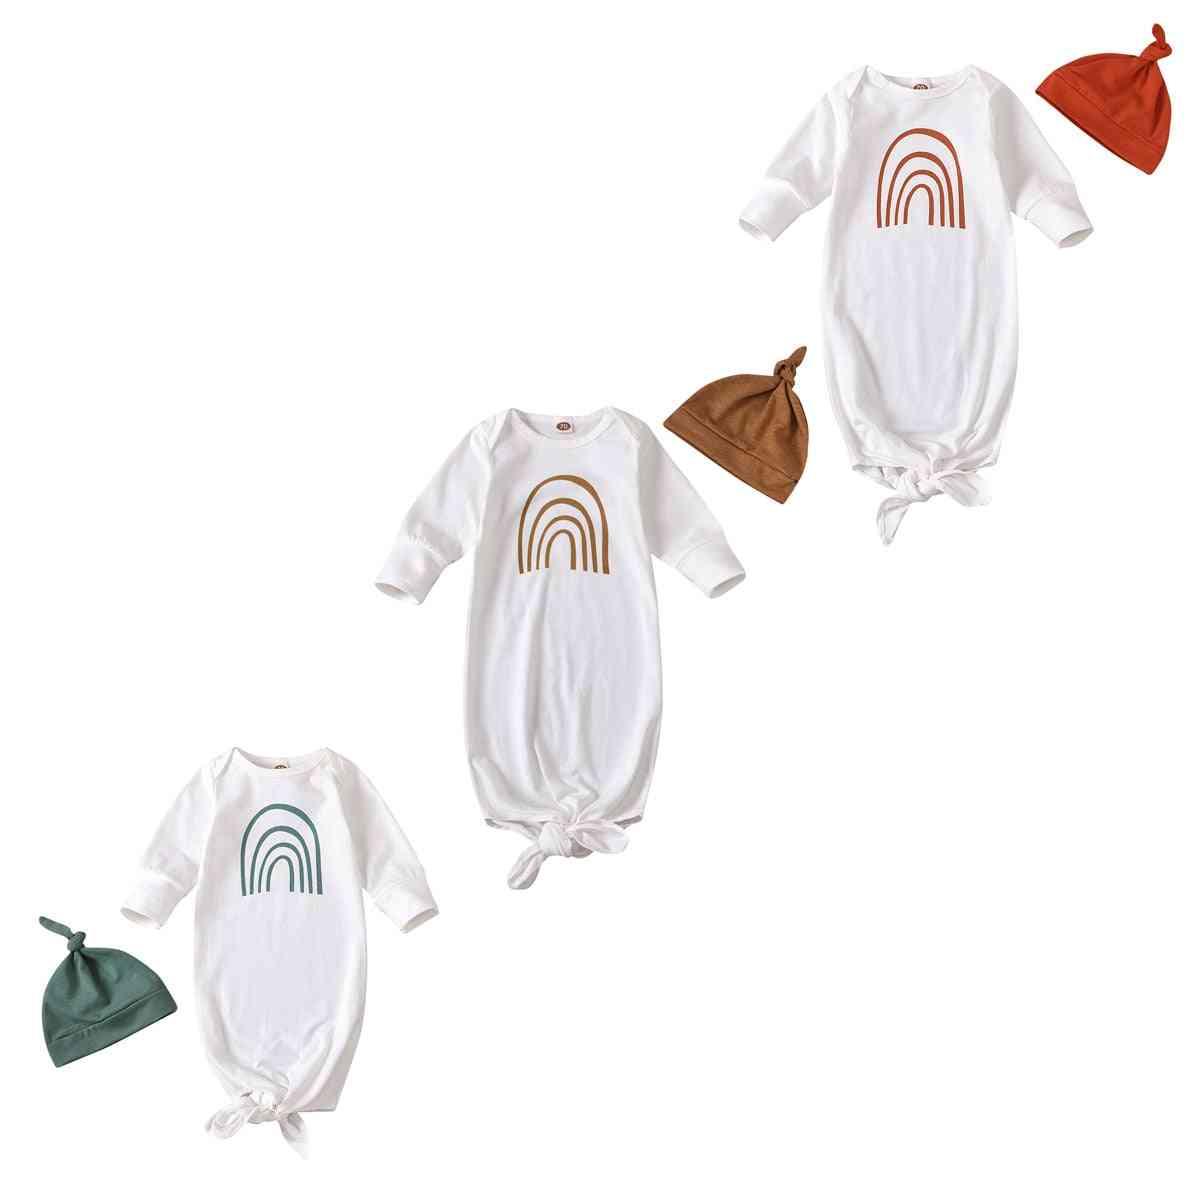 Rainbow Stripe Print, Sleeping Bags And Hat-long Sleeve Nightwear